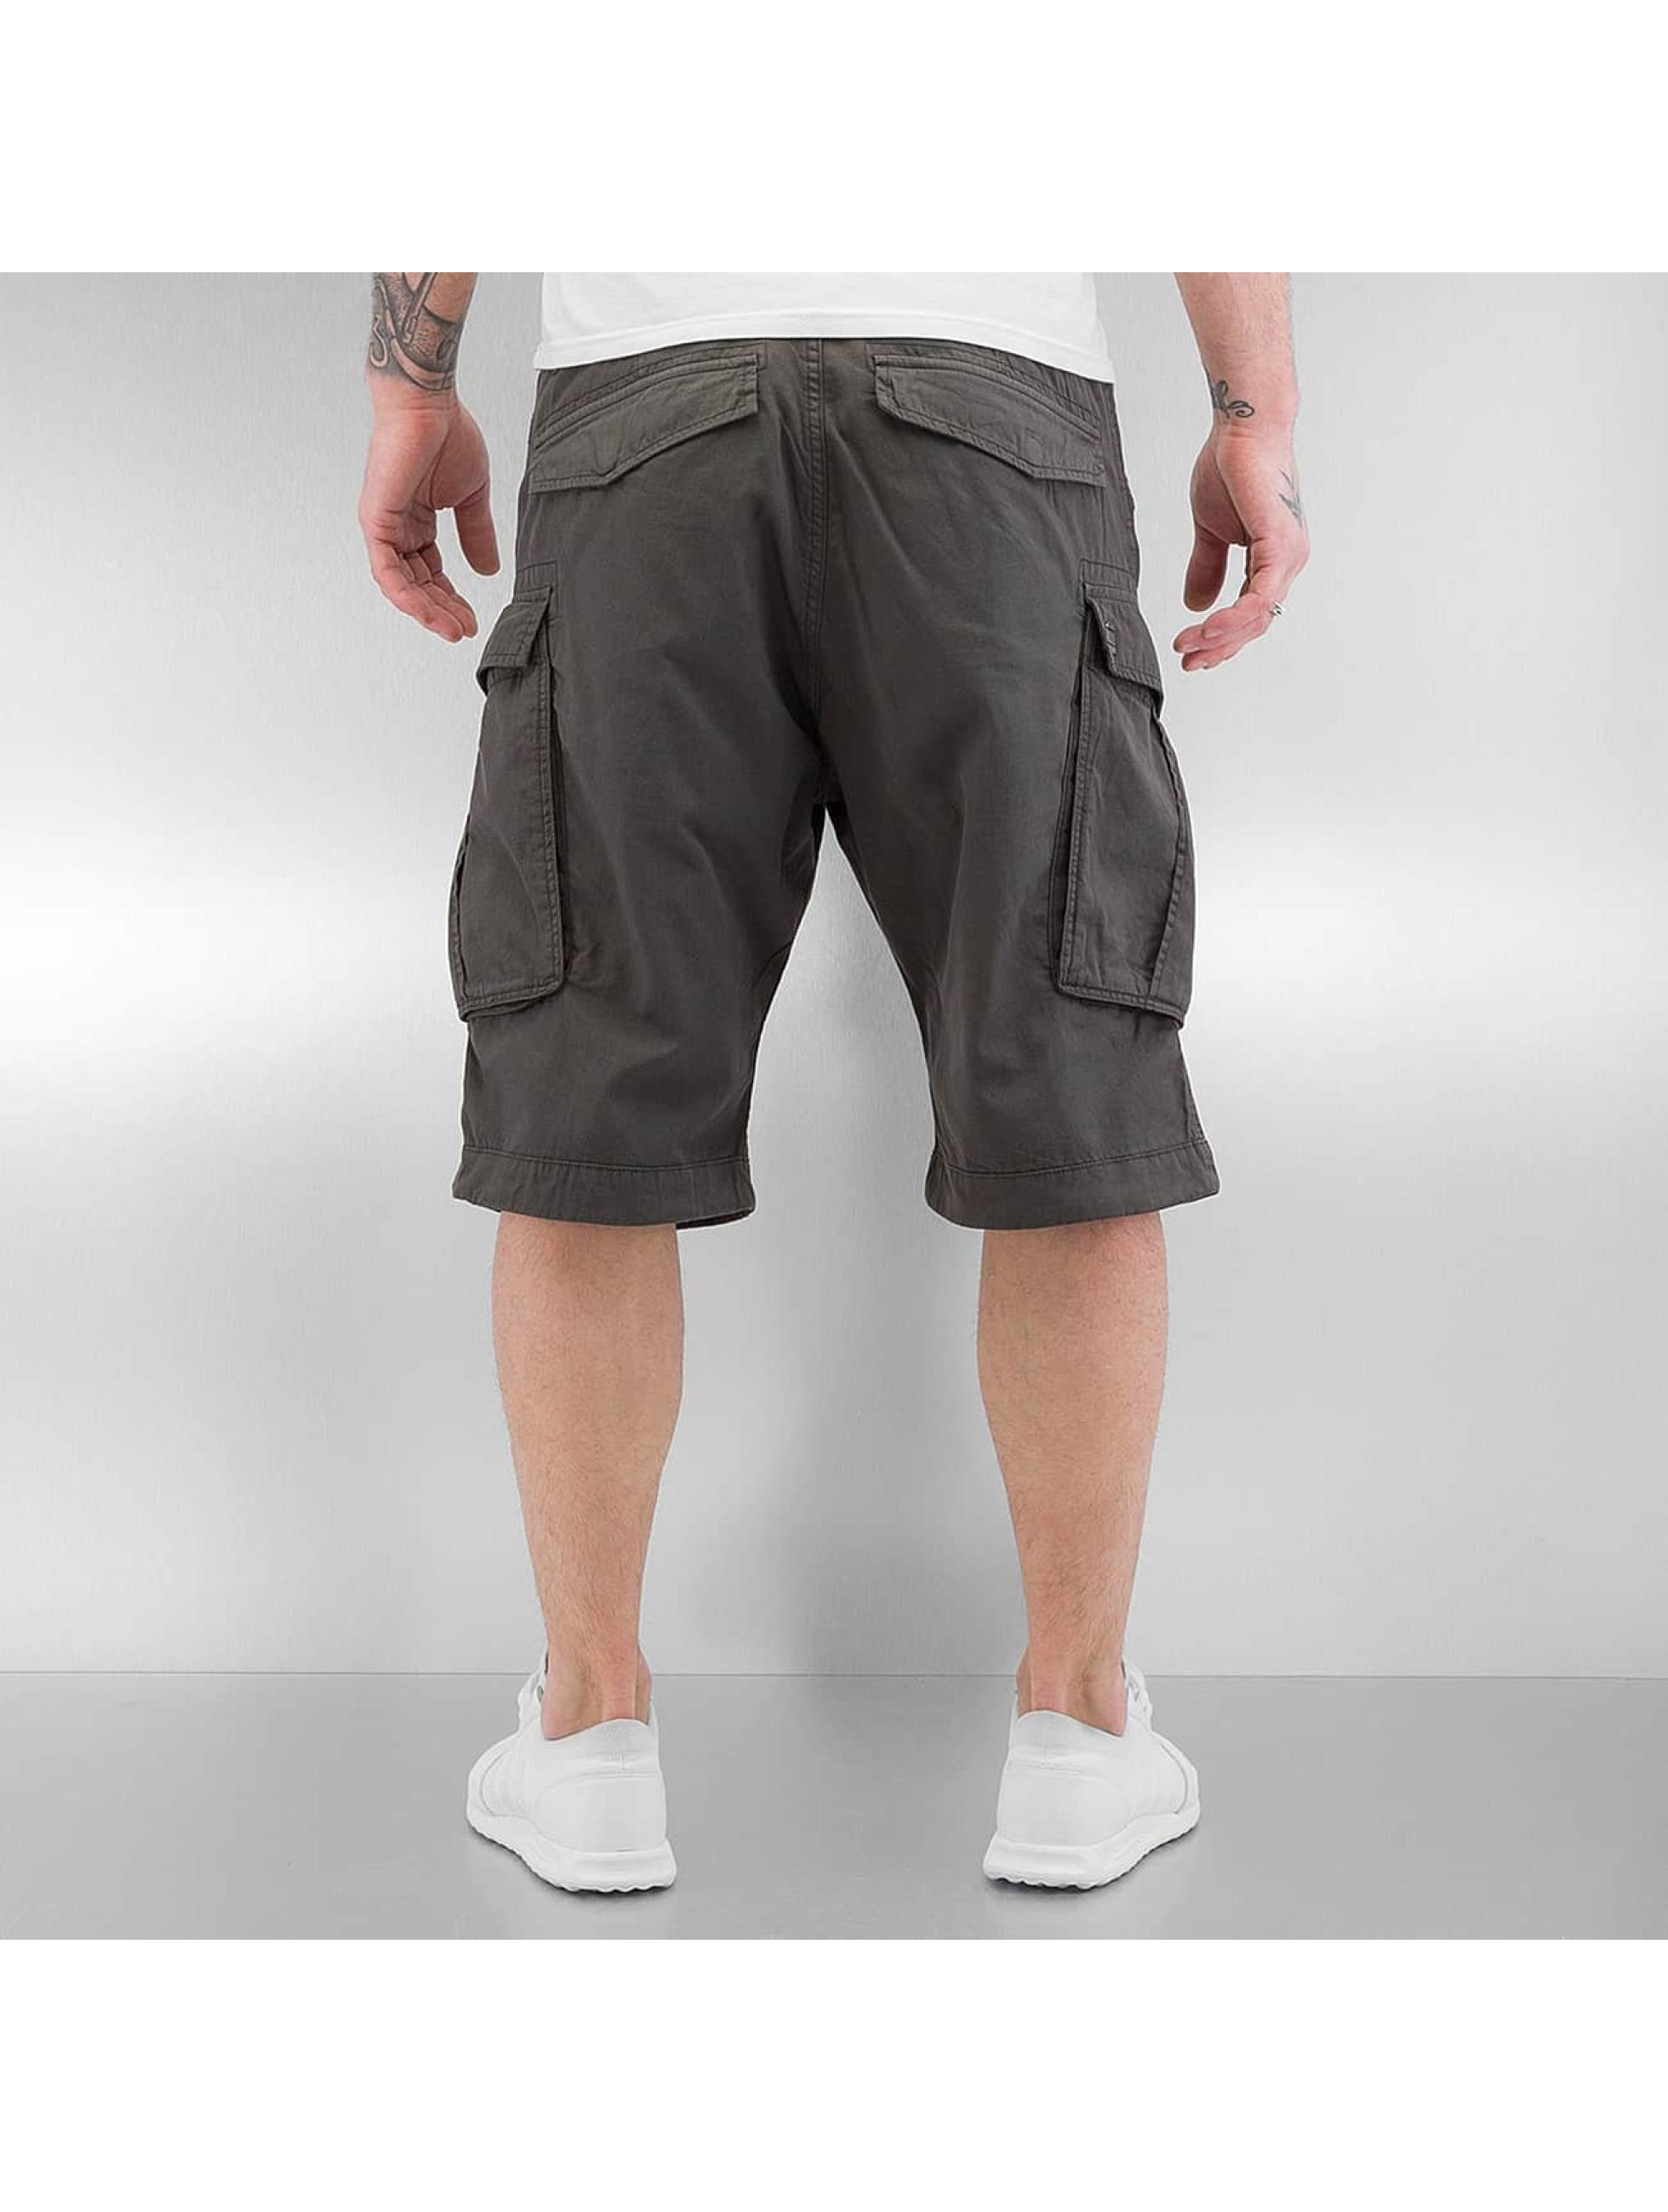 G-Star Short Rovic Loose grey